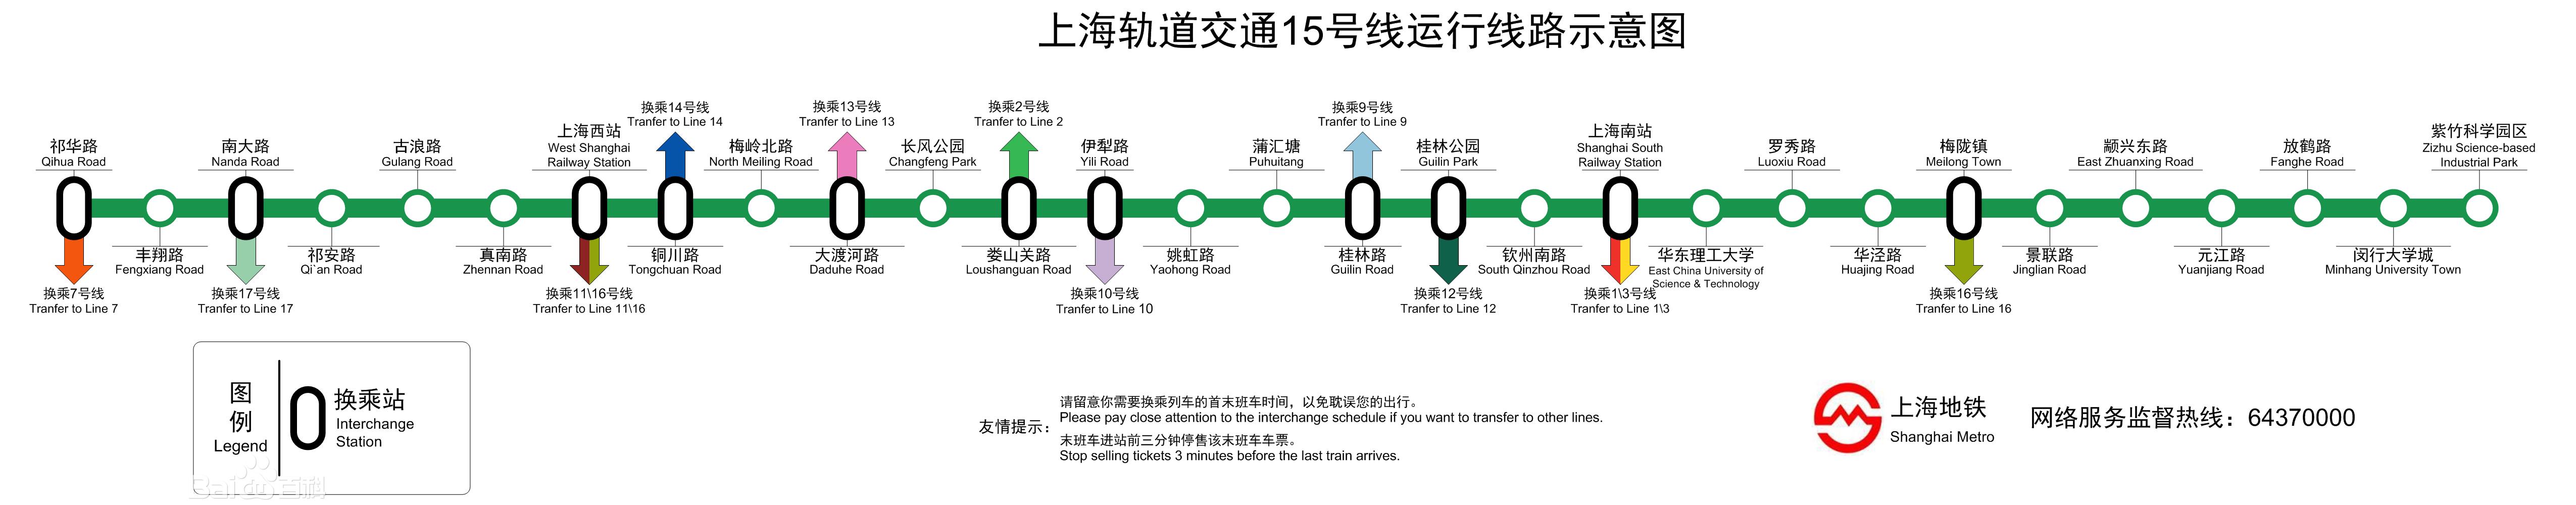 com 吴江地铁4号线开通时间-吴江地铁4号线时间表/上海地铁17号线 .